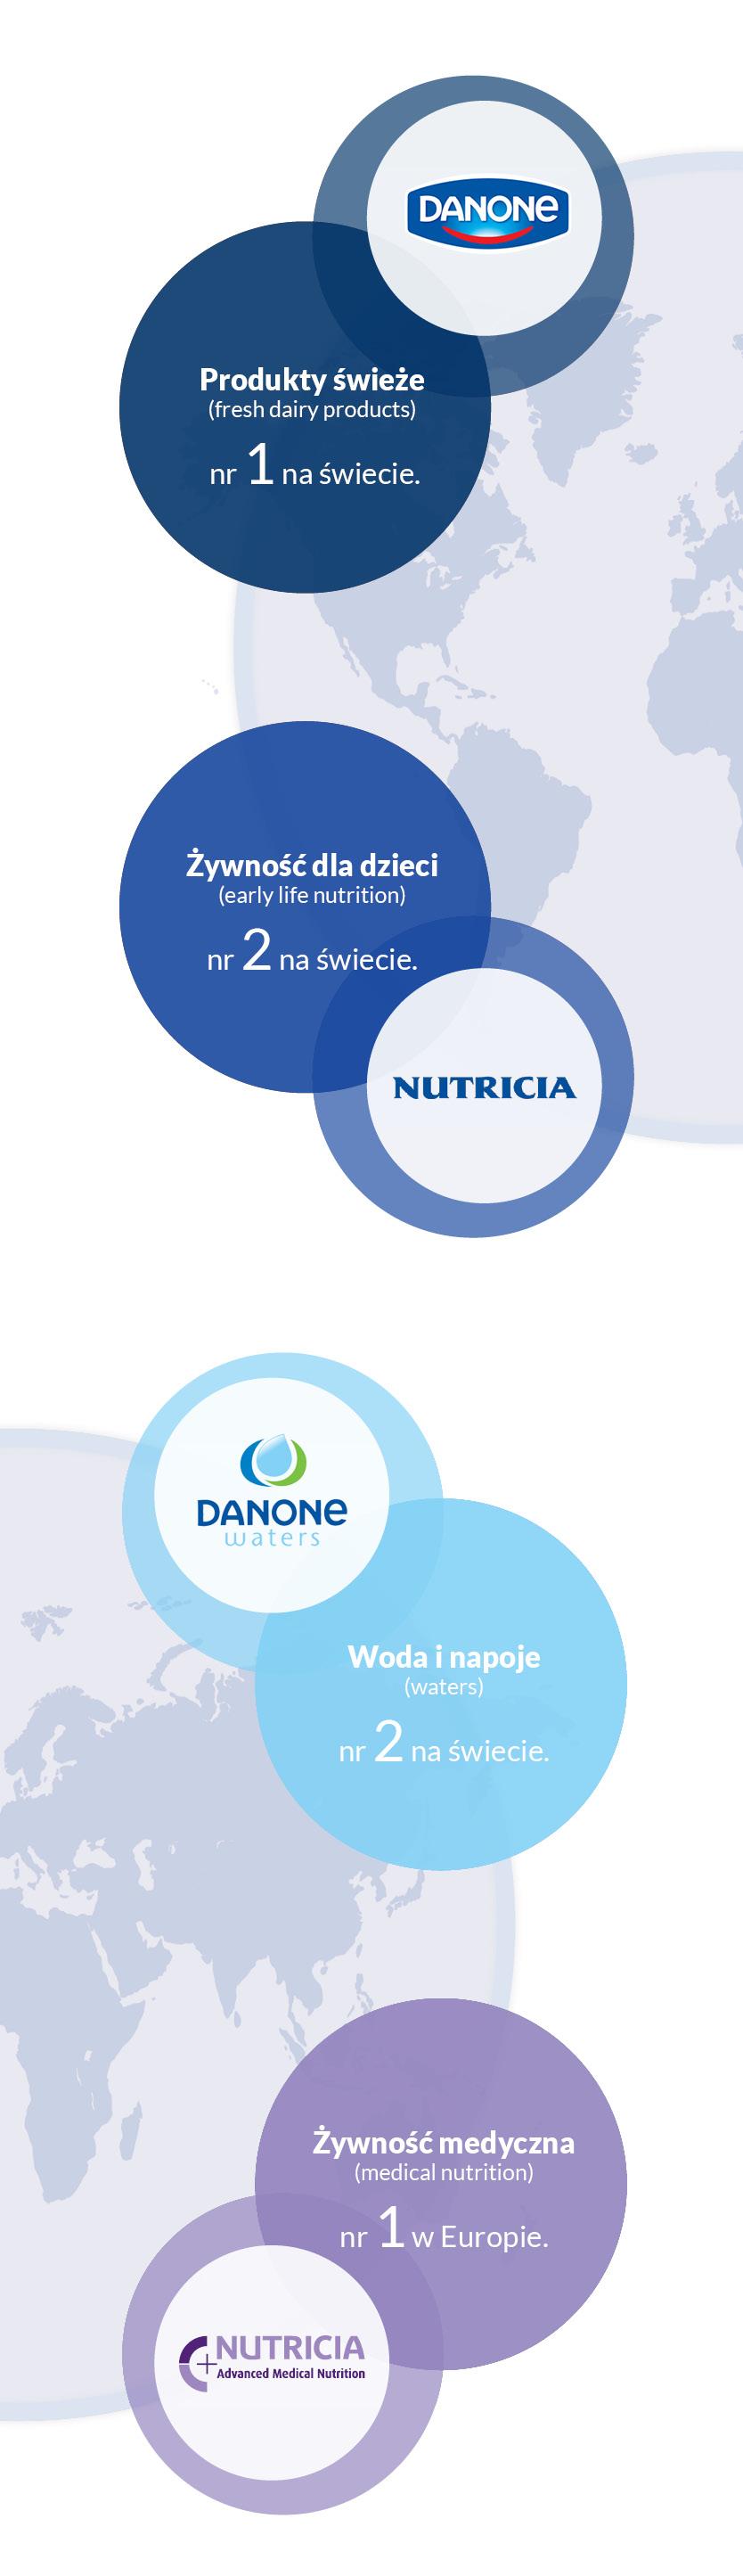 Grupa Danone prowadzi swoją działalność biznesową w ramach 4 dywizji na świecie